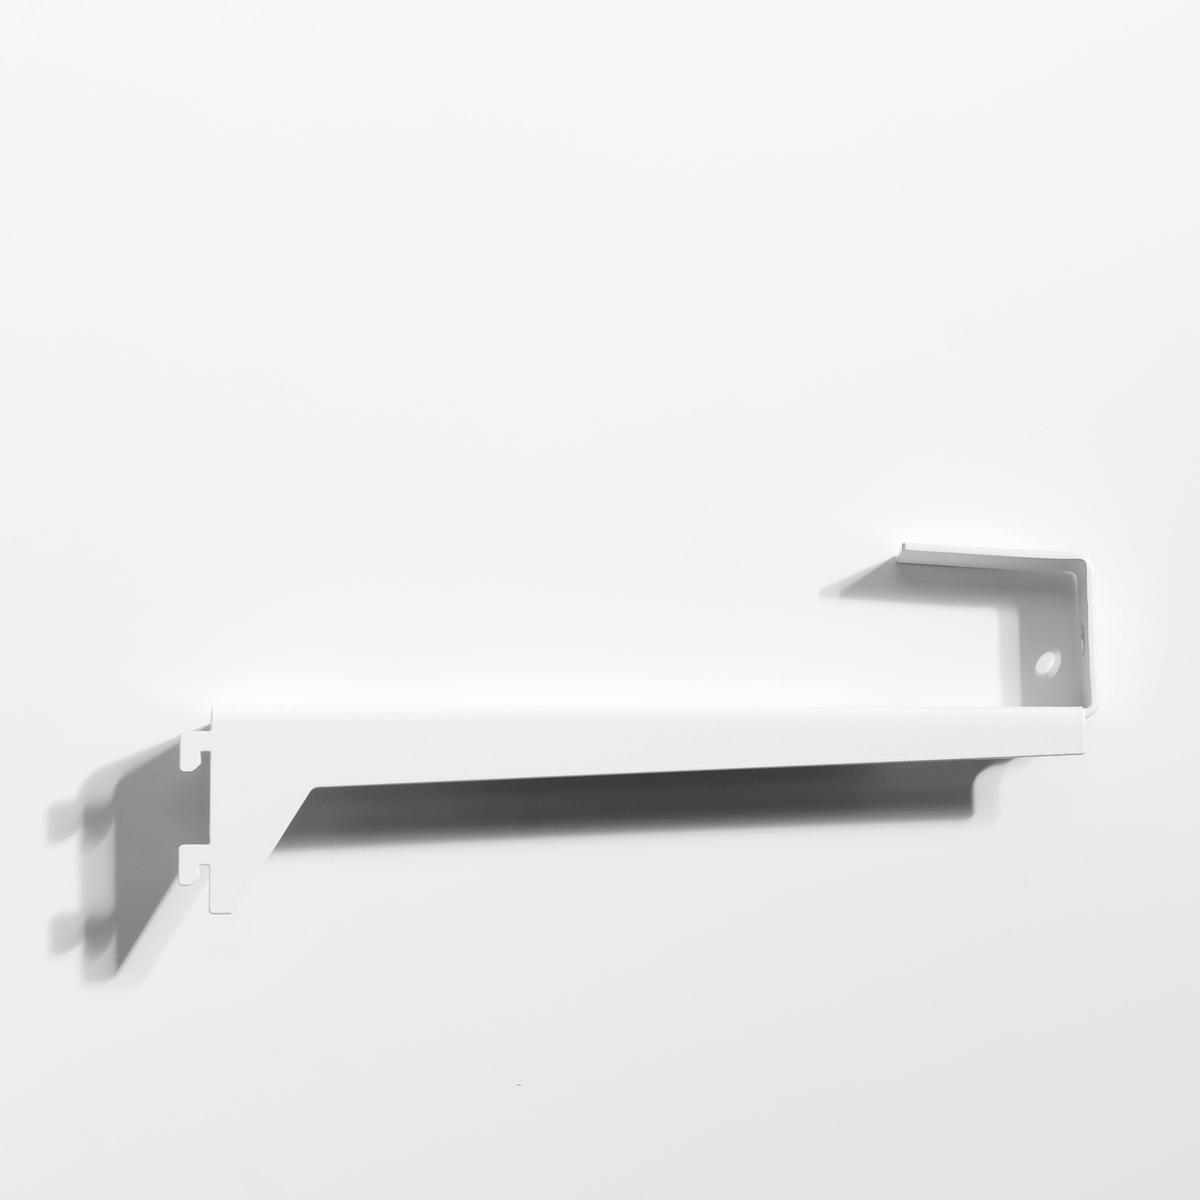 Кронштейн угловой для этажерок Kyriel (2 шт)Размеры кронштейна : Длина 22 x Ширина 9 x толщина 2,5 см . Комплект из 2 штук.Мебель для гардероба Kyriel - это эстетичная и практичная система, модулируемая при желании, созданная для любых пространств и стилей  .<br><br>Цвет: белый